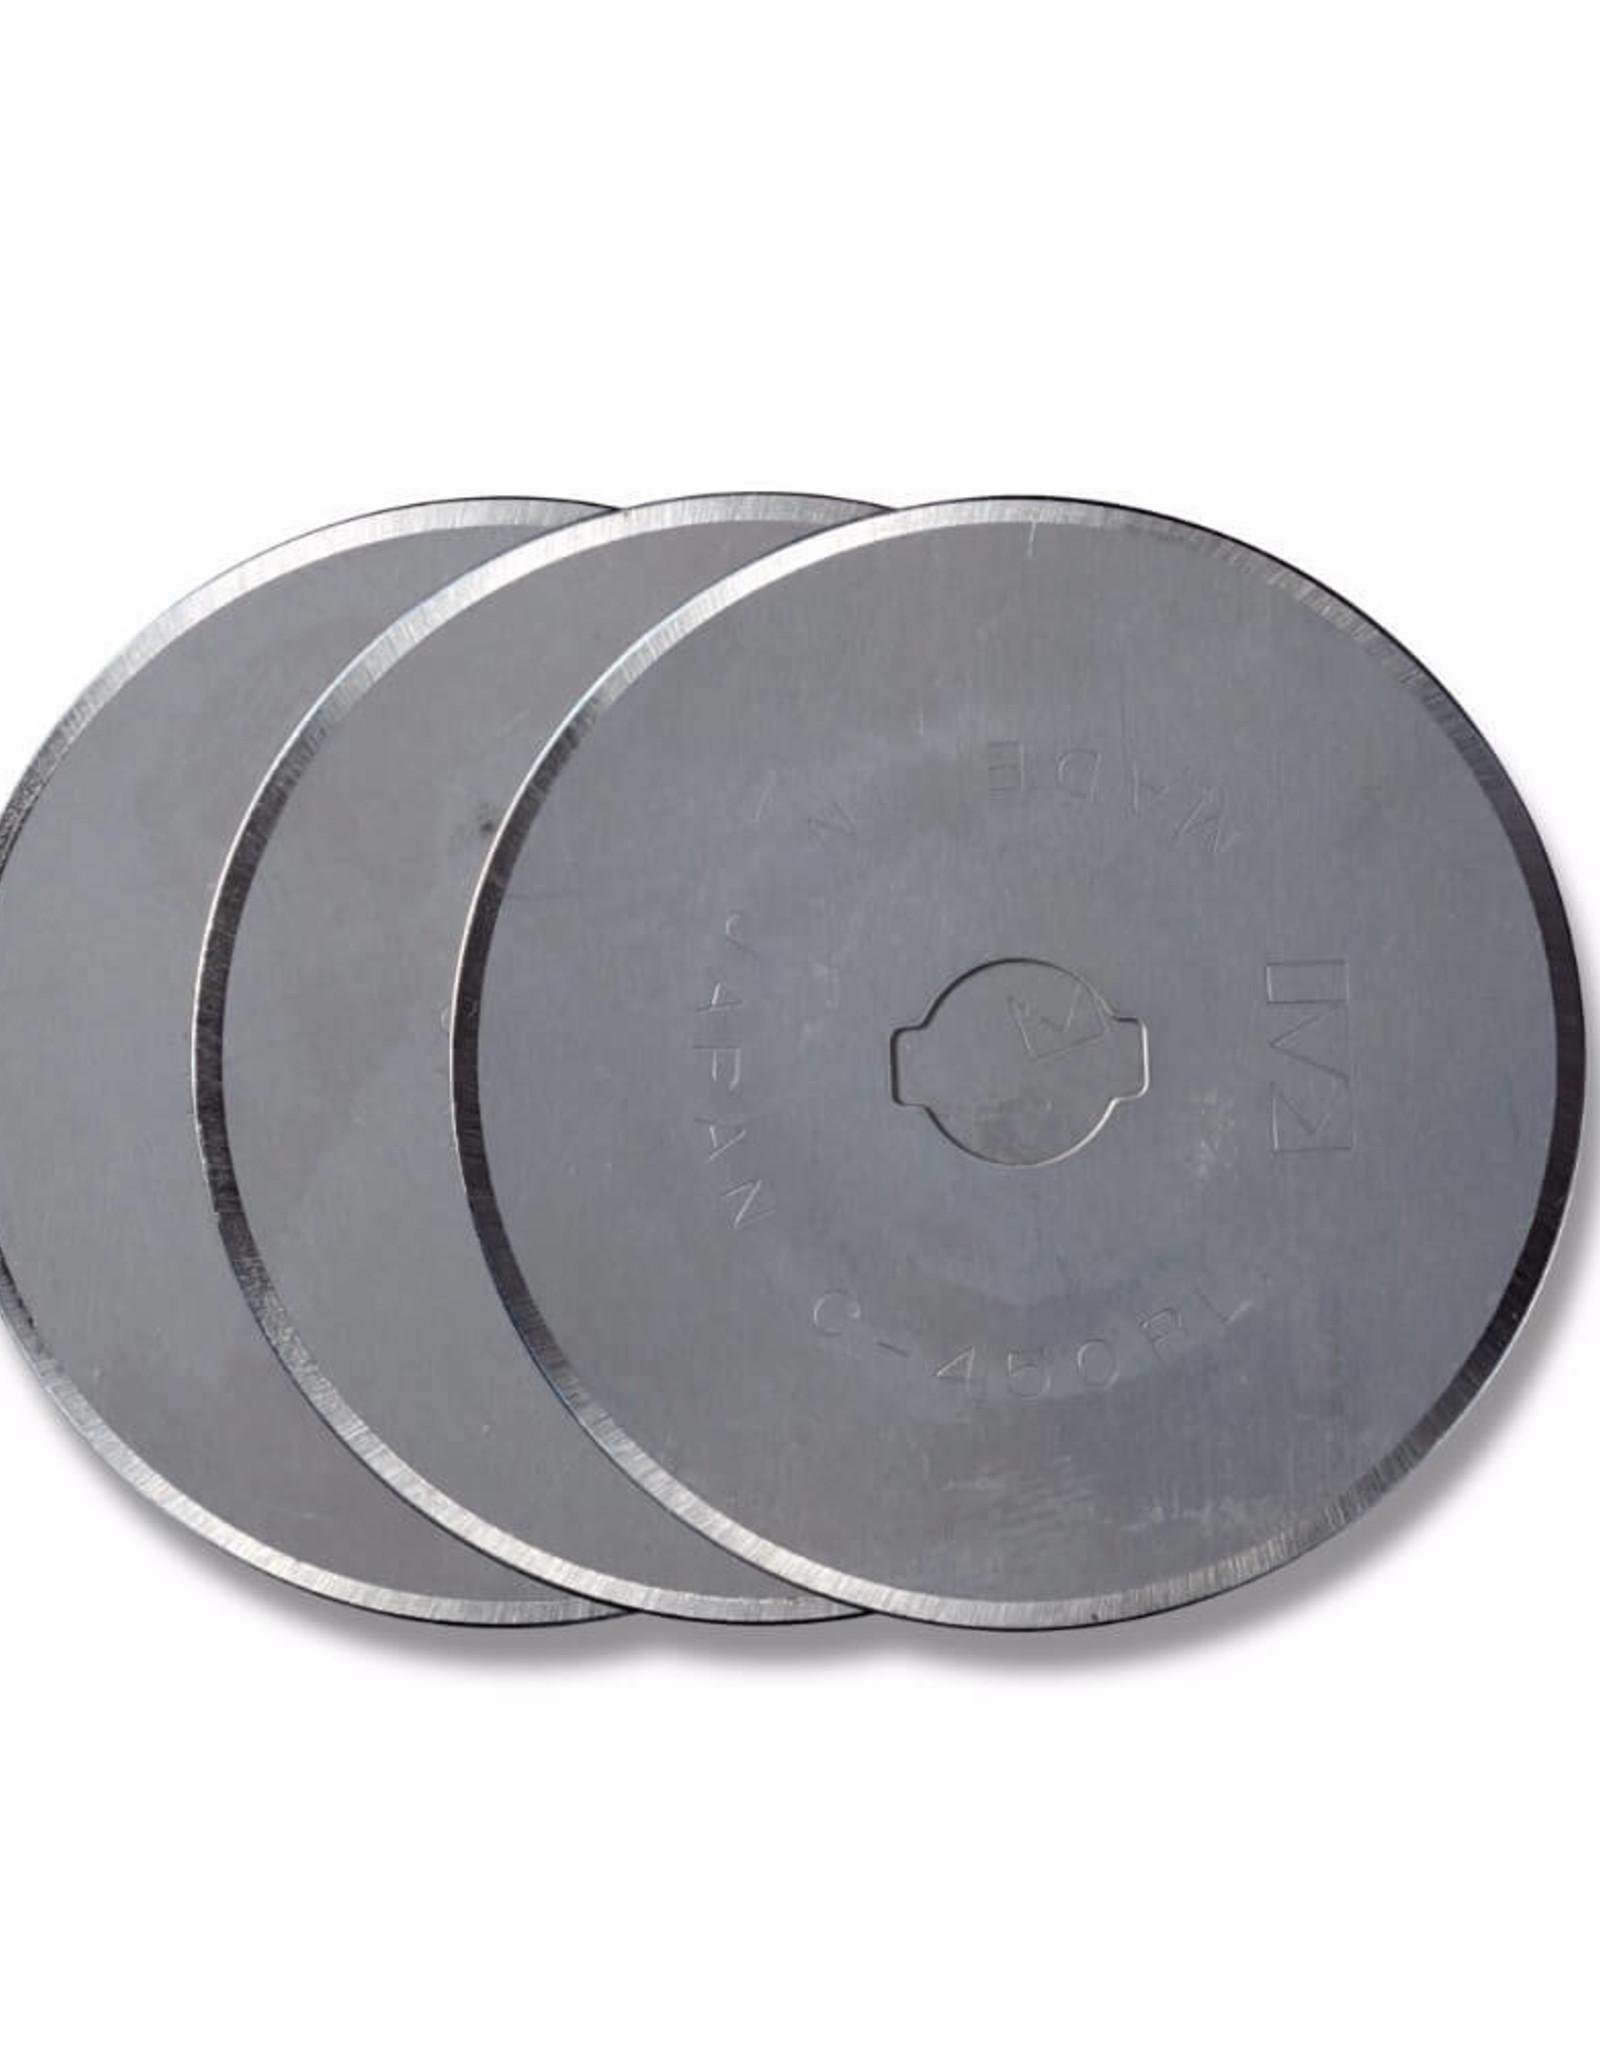 Prym Prym reservemesje voor rolmes 45 mm